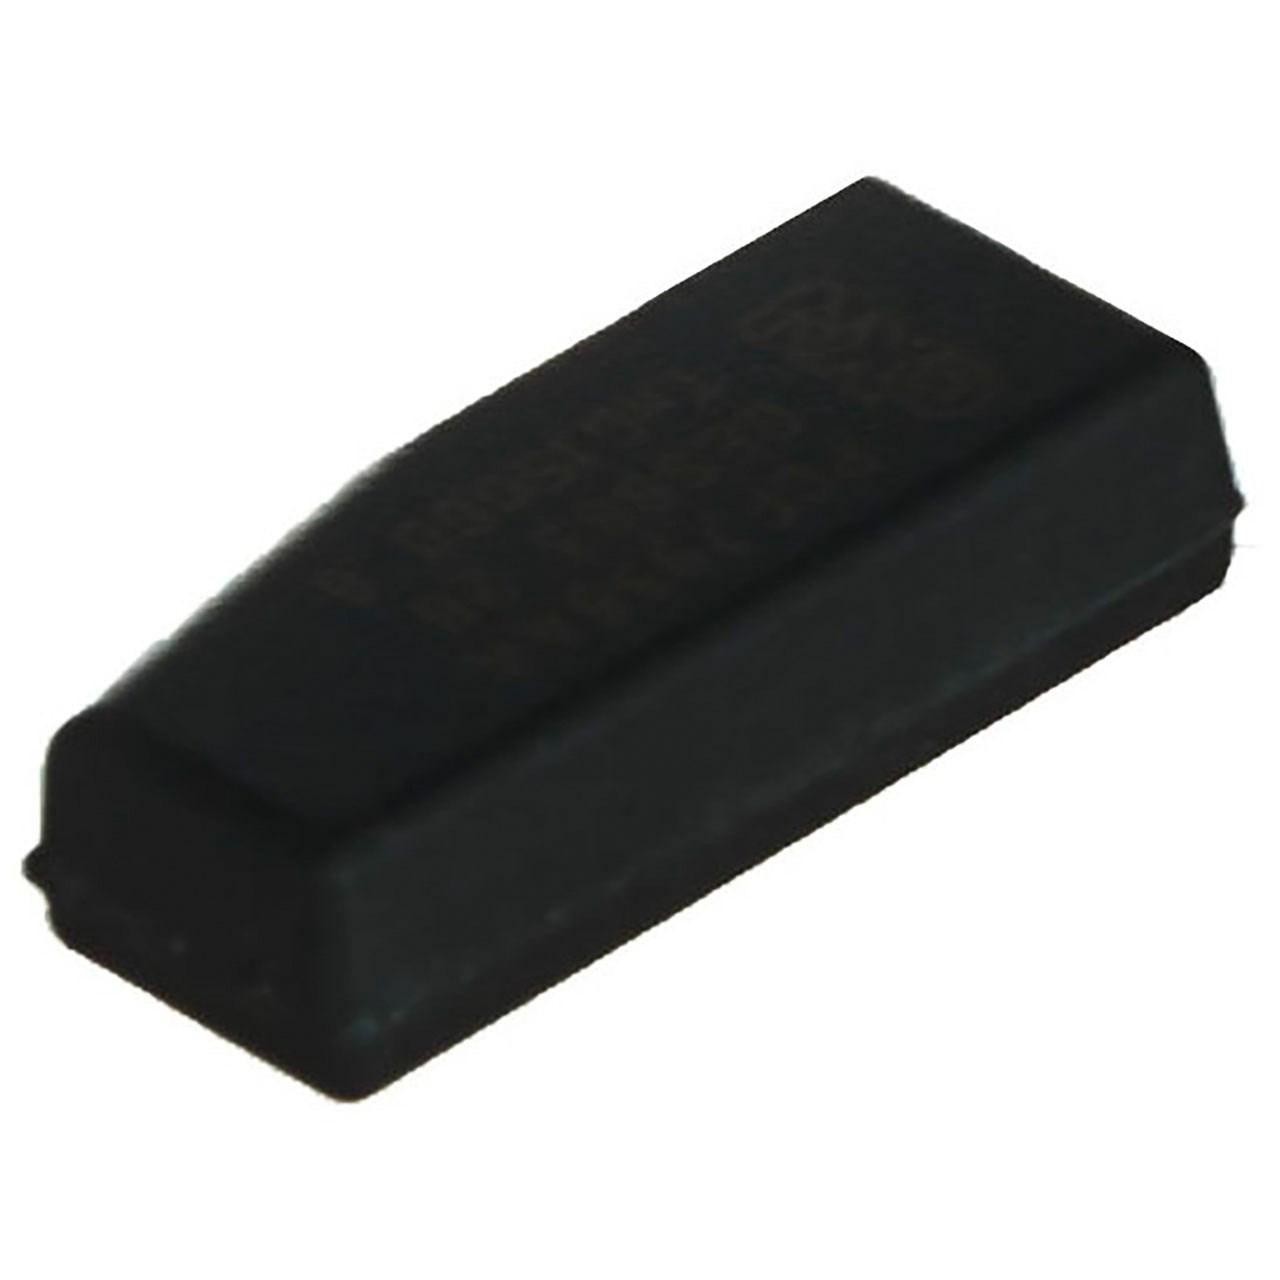 ترانسپوندر مدل 3605200U8510 مناسب برای خودروهای جک